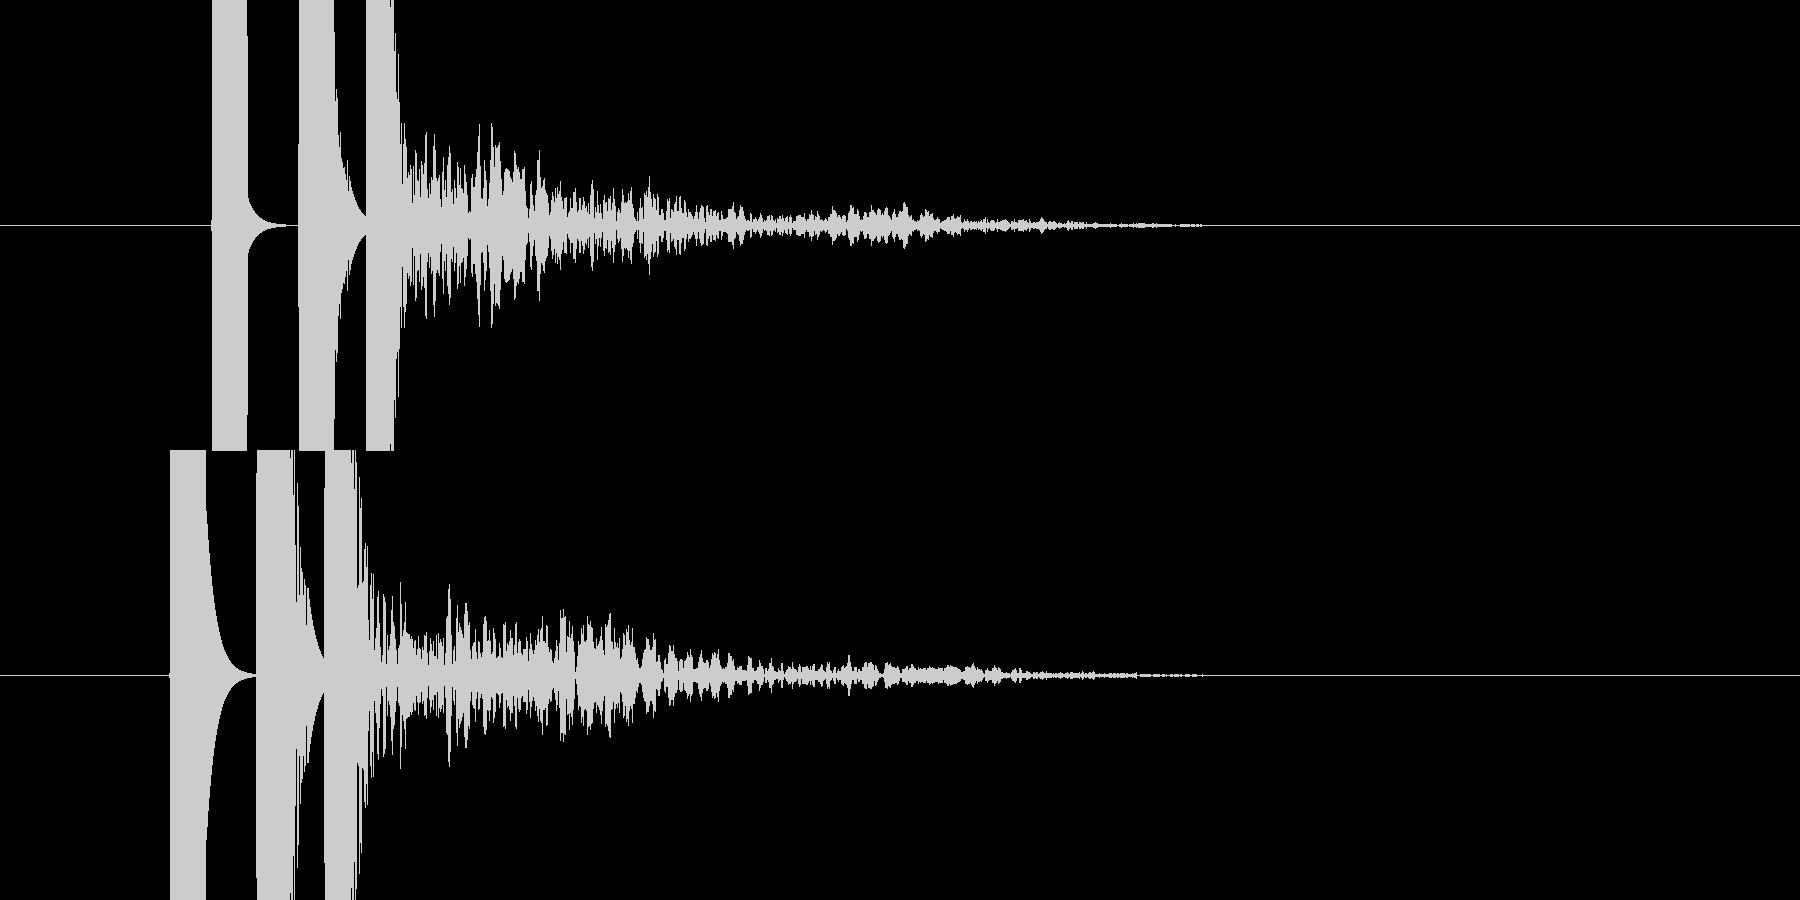 発射音的な効果音です。の未再生の波形